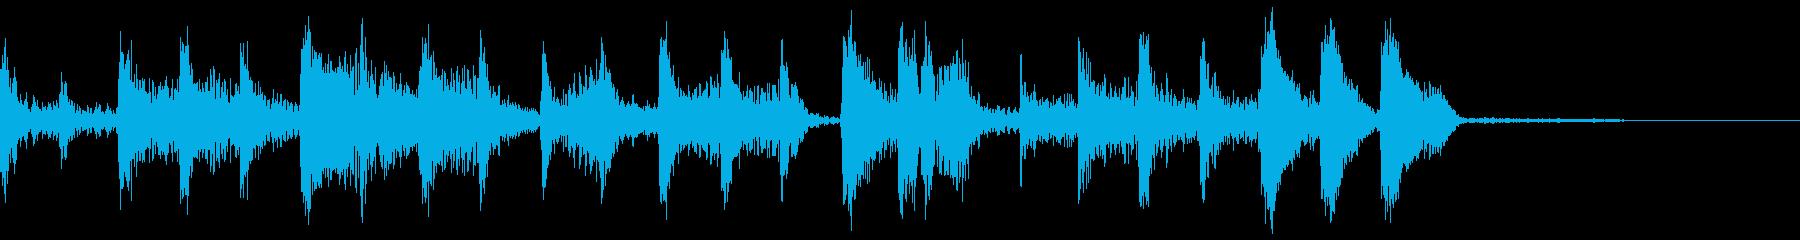 エレクトロで不気味な雰囲気のあるジングルの再生済みの波形